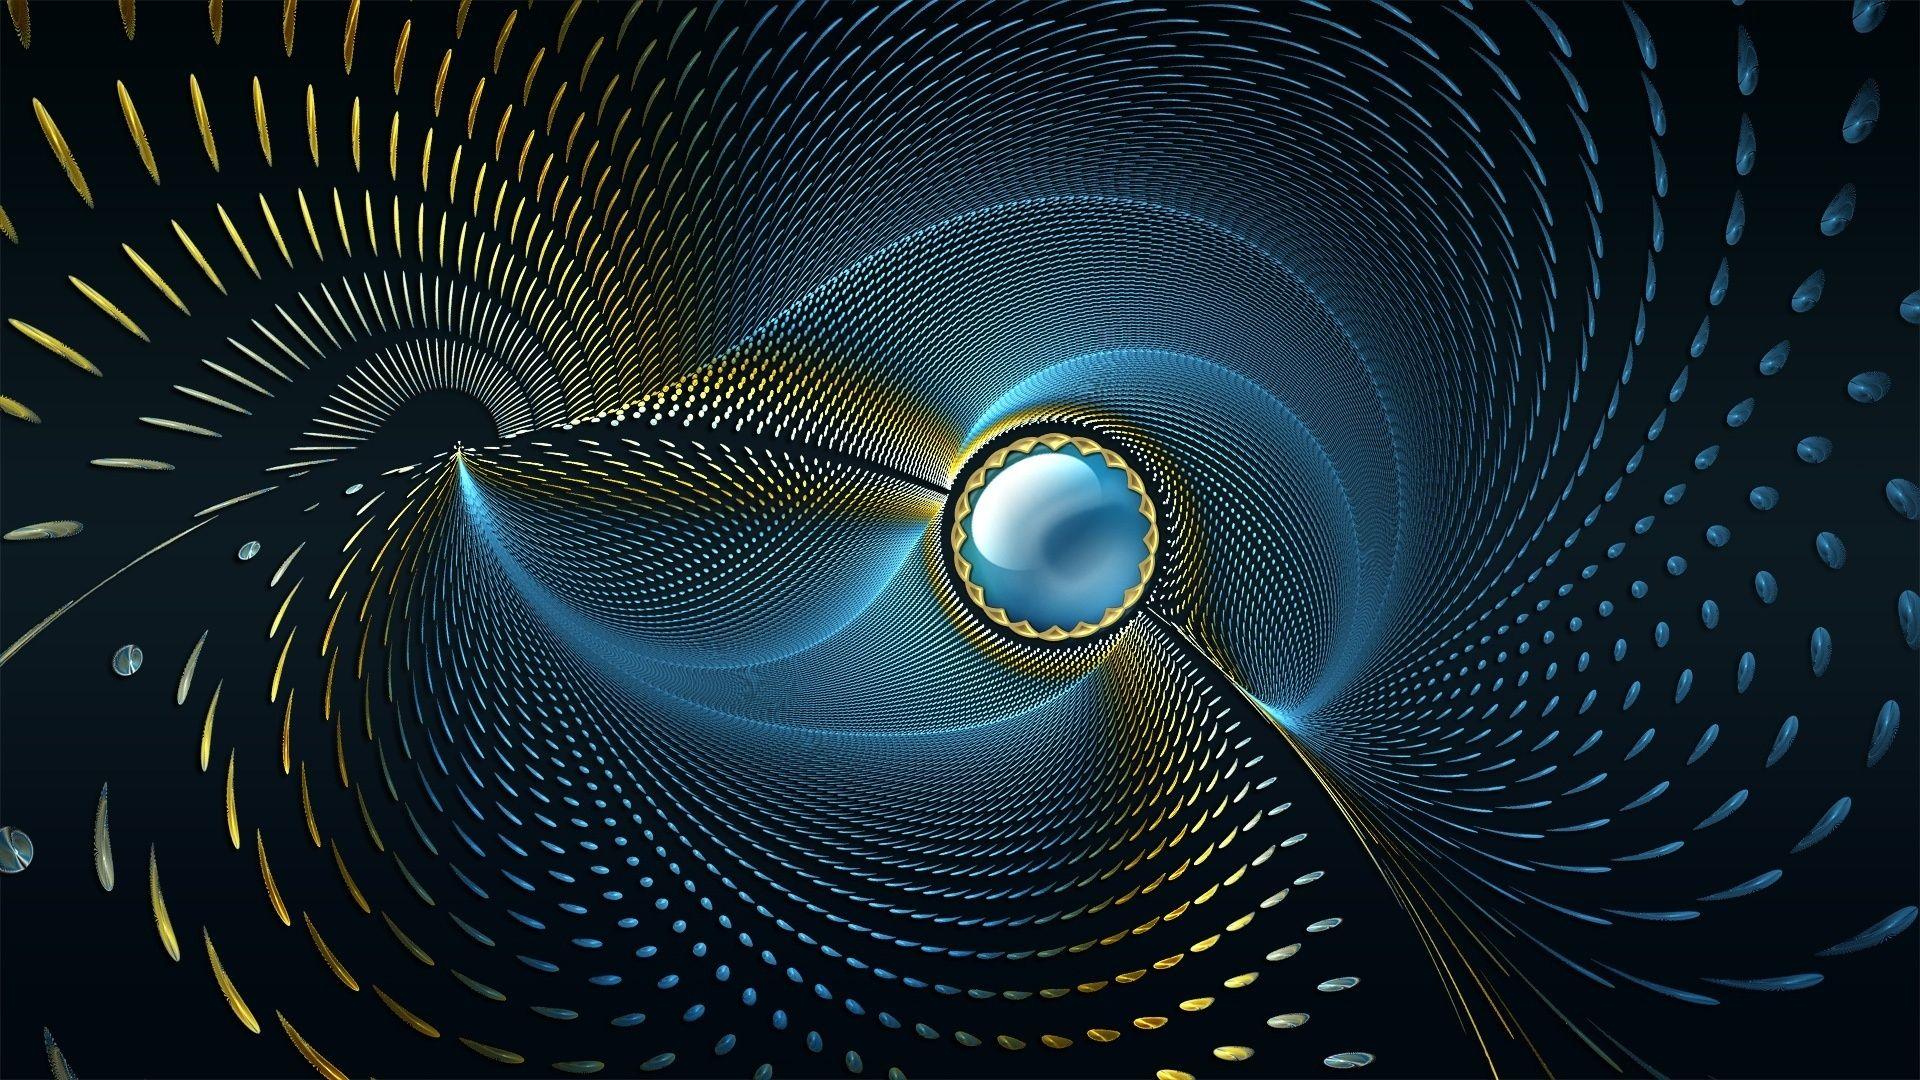 Cgi 3d Abstract Fractal Wallpaper Absztrakt Fraktalok Kepek